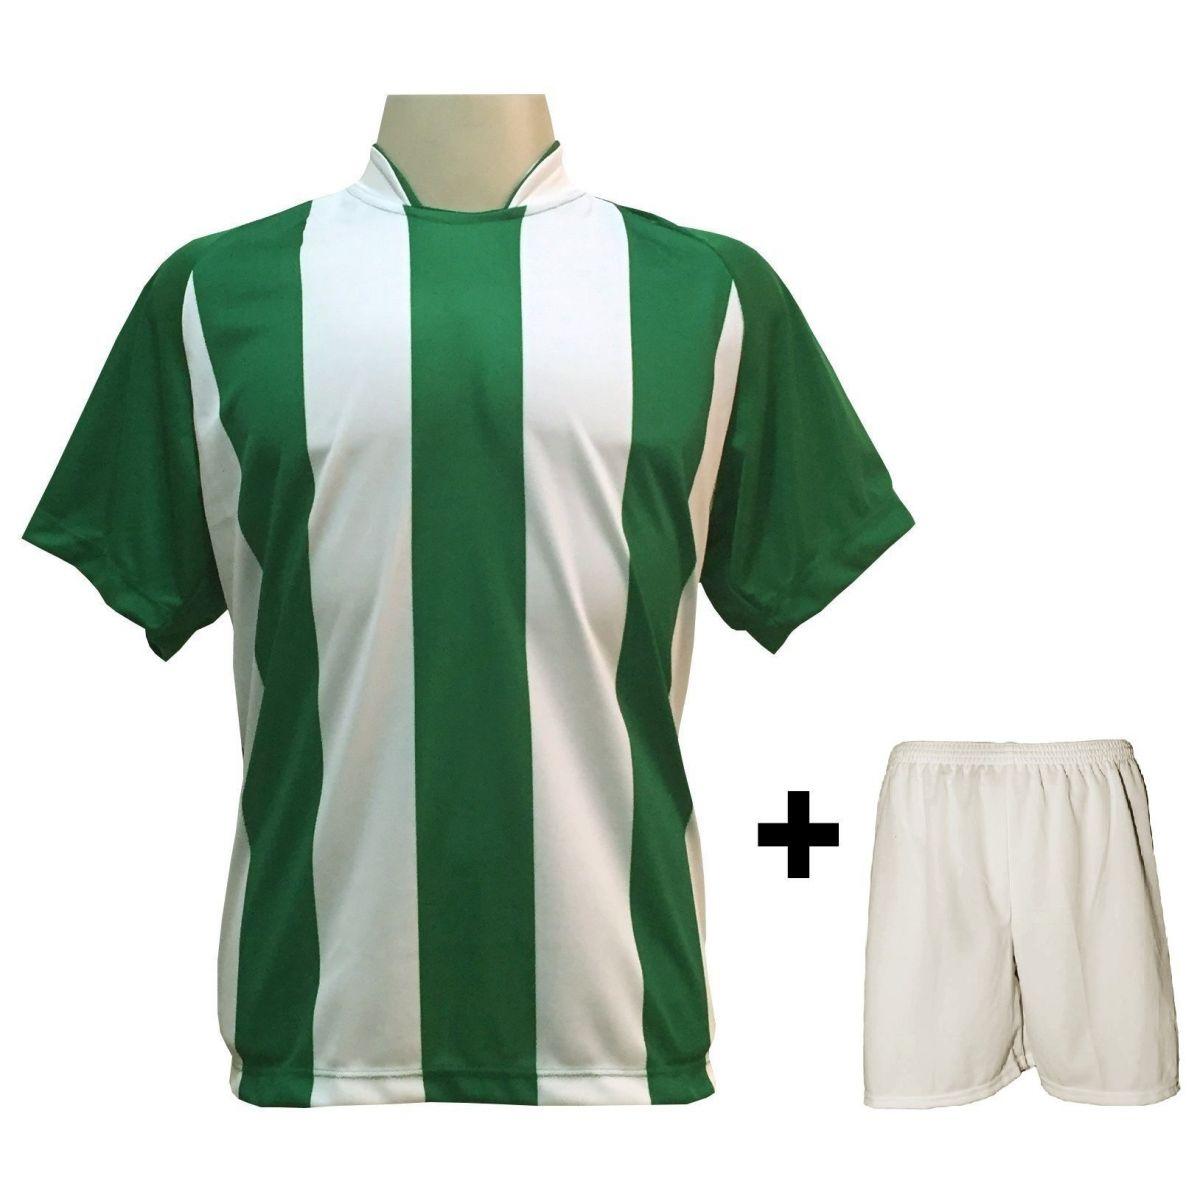 Uniforme Esportivo com 12 Camisas modelo Milan Verde/Branco + 12 Calções modelo Madrid Branco  - ESTAÇÃO DO ESPORTE